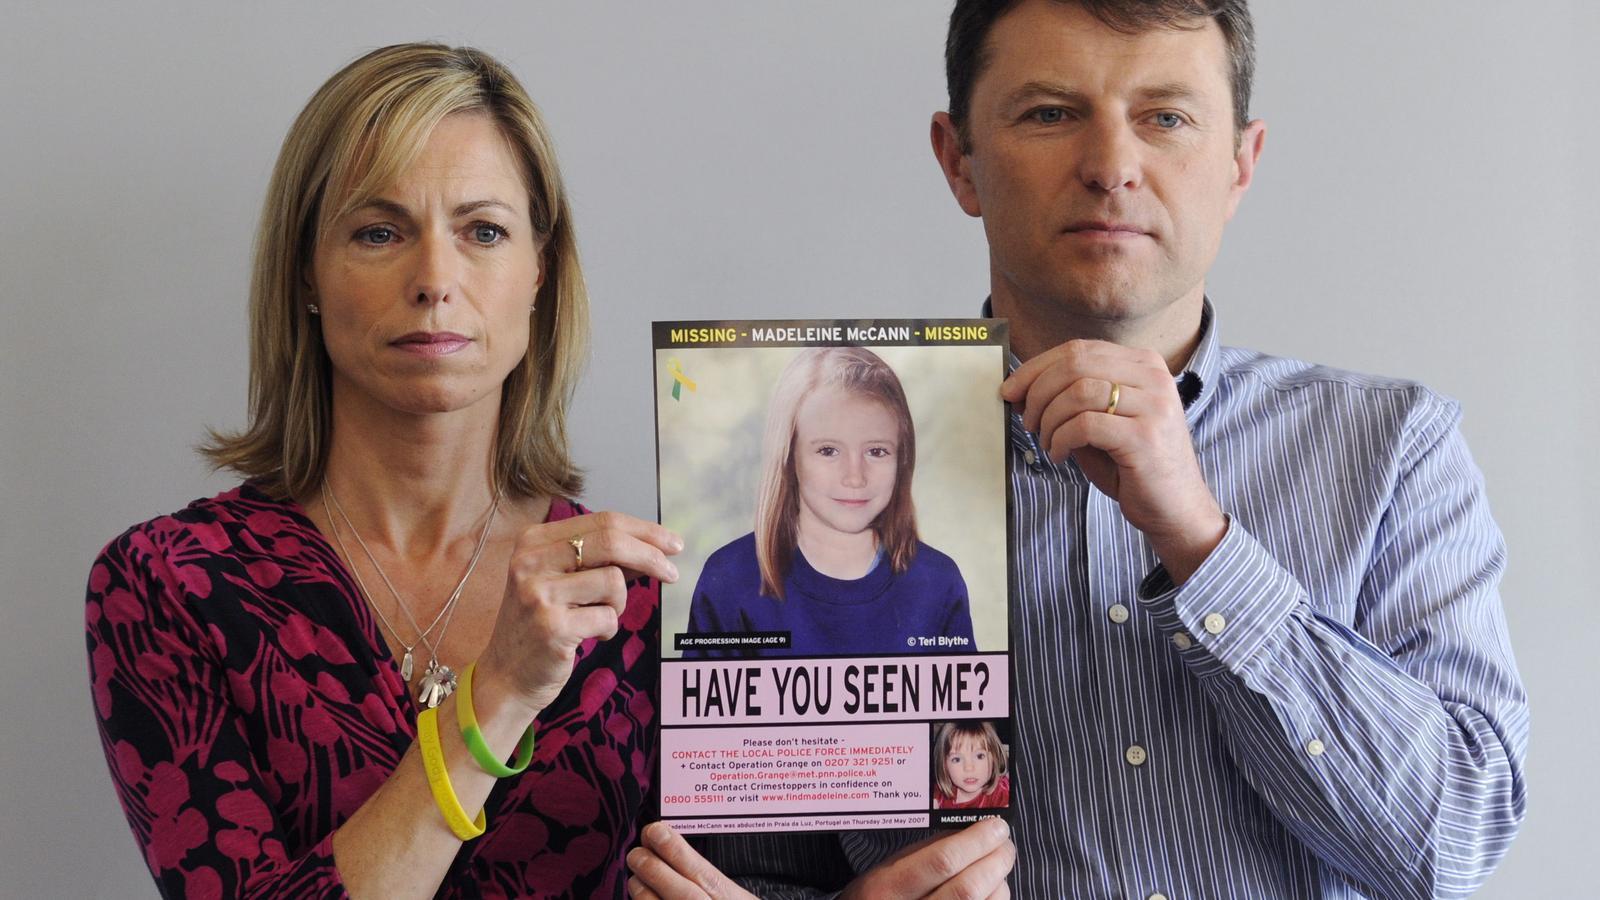 Kate i Gerry McCann sostenen una imatge virtual de la seva filla, Madeleine, feta cinc anys després de la desaparició